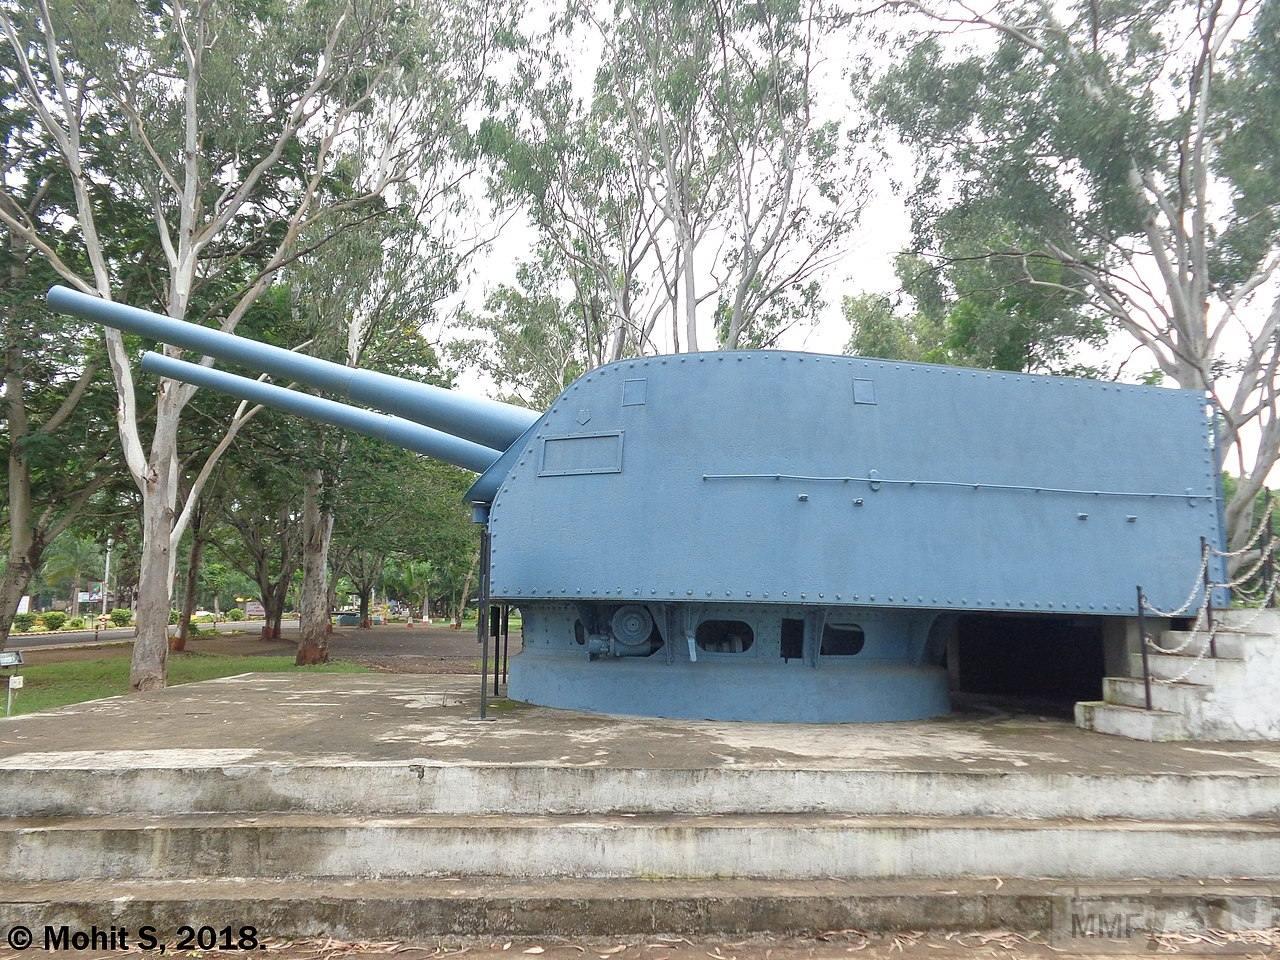 101193 - Корабельные пушки-монстры в музеях и во дворах...